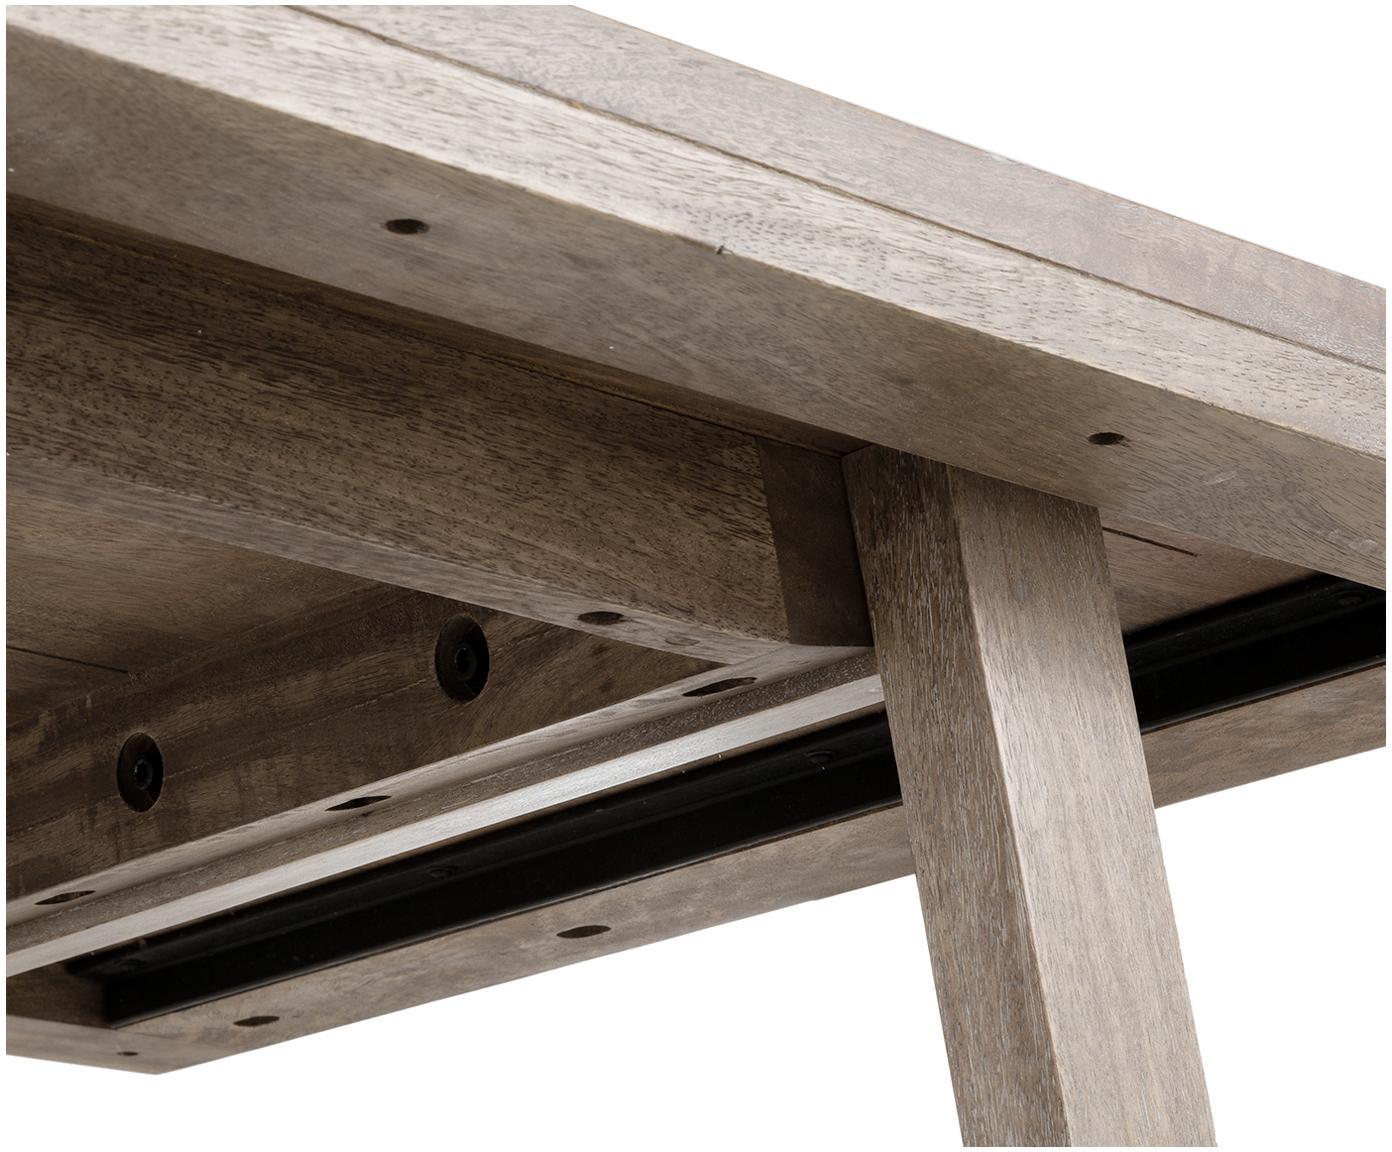 Massivholz Esstisch Memphis, Massives Mangoholz, lackiert, Mangoholz, weiss gewaschen, 180 x 76 cm